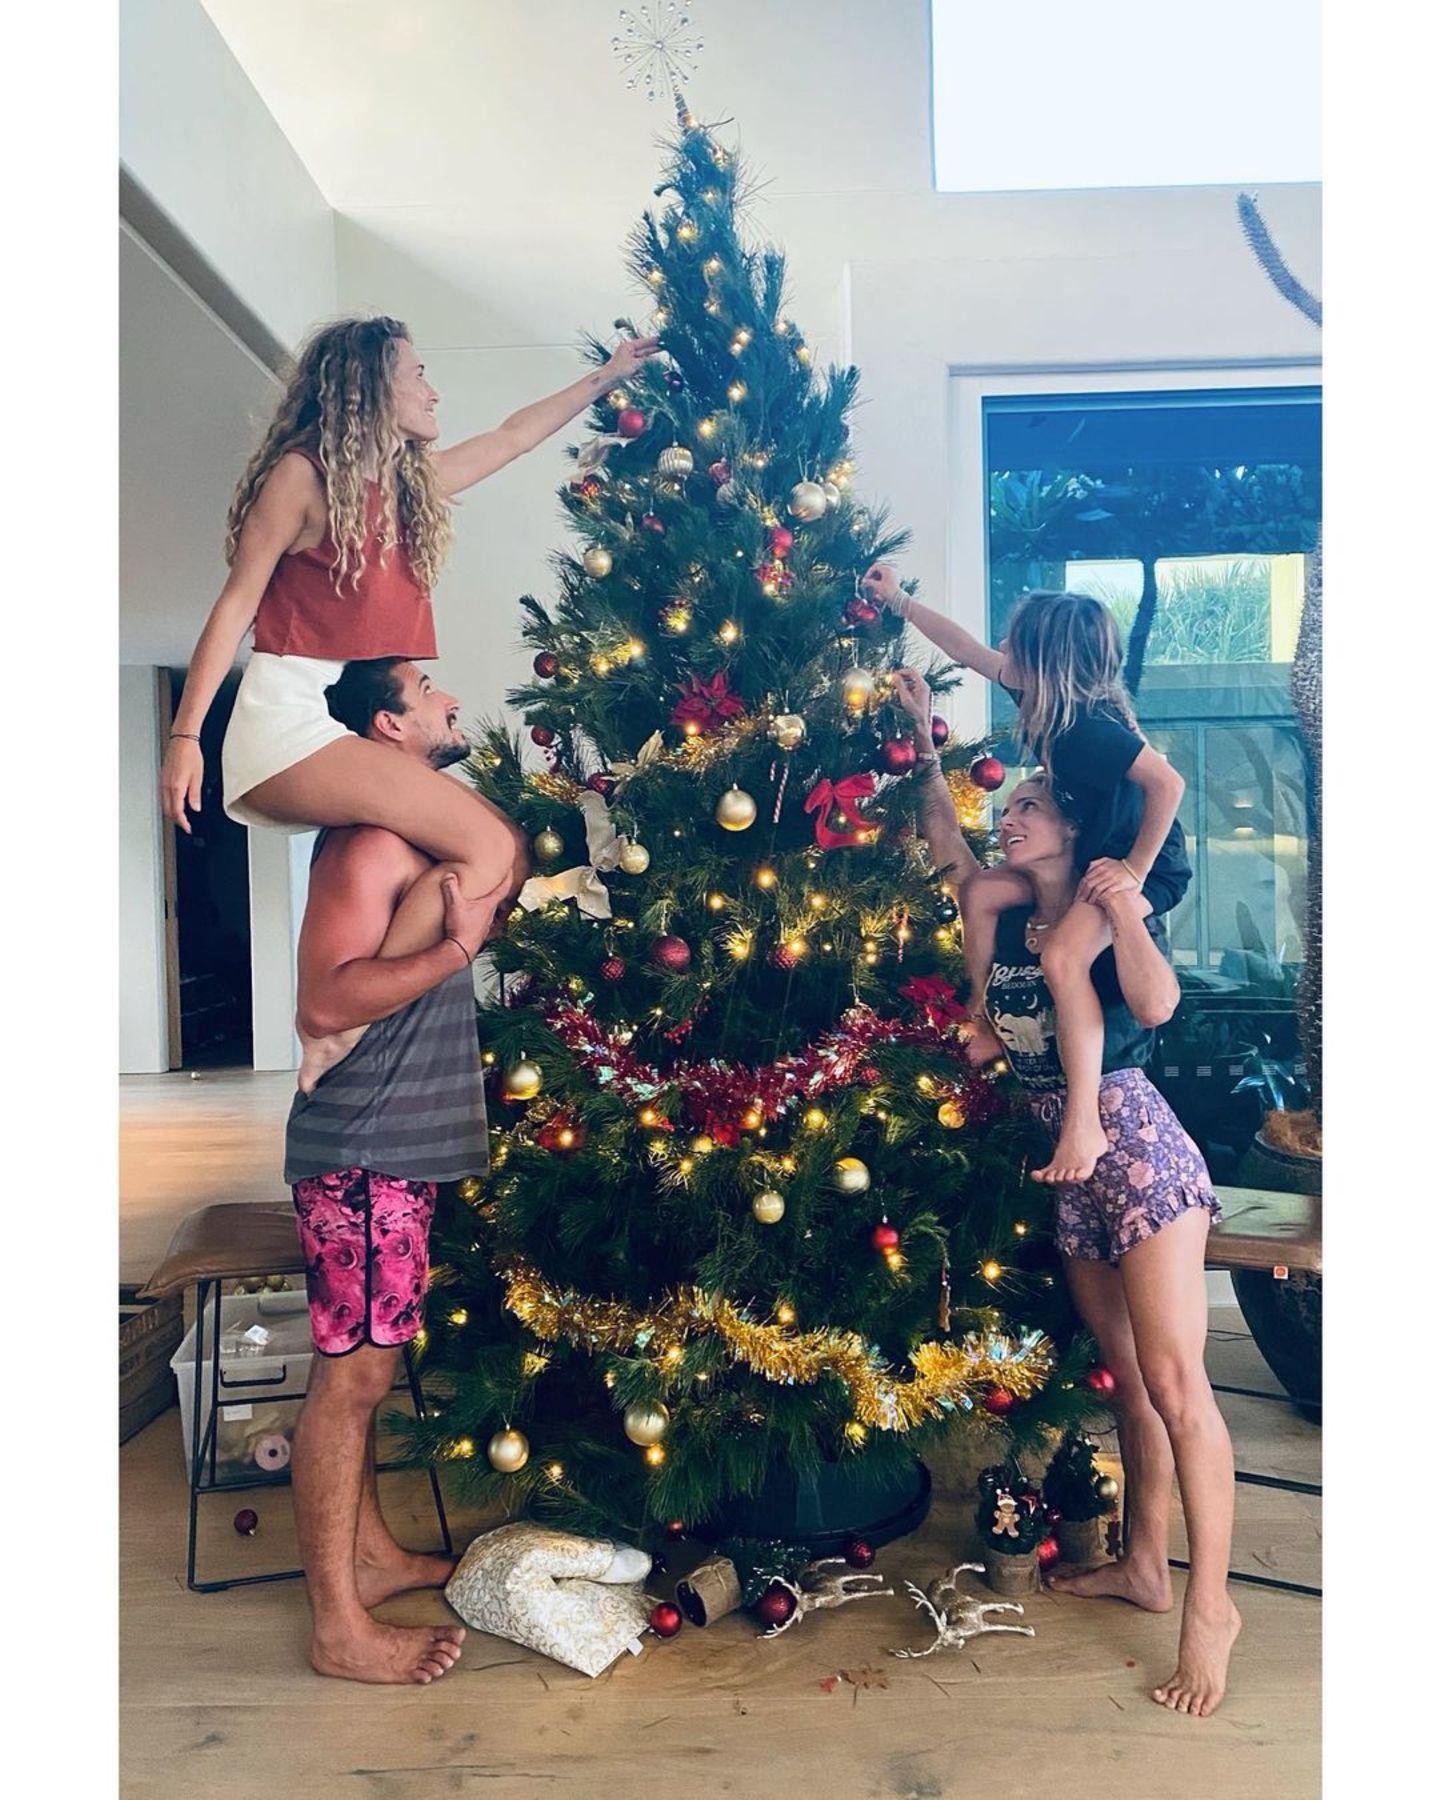 Der Weihnachtsbaum darf natürlich auchbei Familie Hemsworth nicht fehlen. Mit Freunden macht die Schmückarbeit gleich doppelt so viel Spaß.